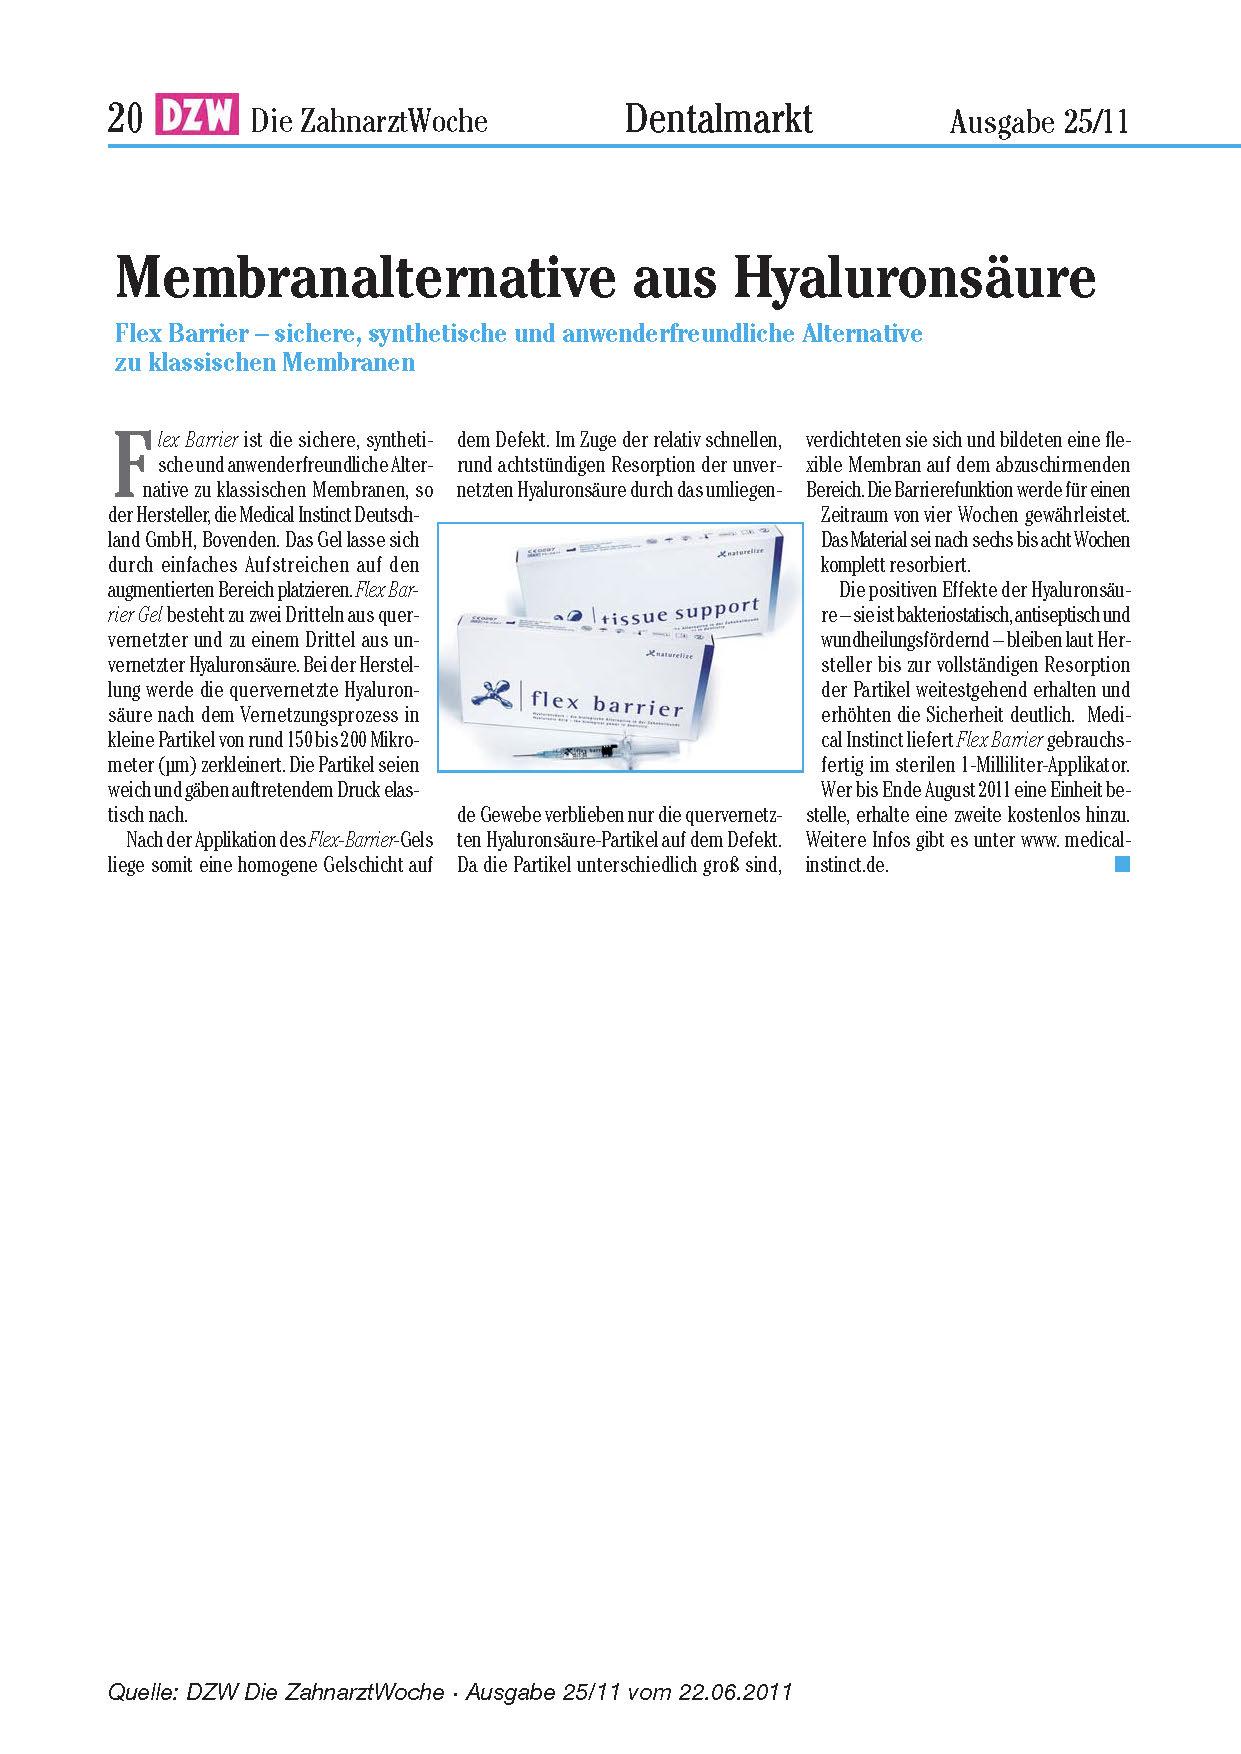 DZW - Membranalternative aus Hyaluronsäure / DZW Ausgabe 25 2011